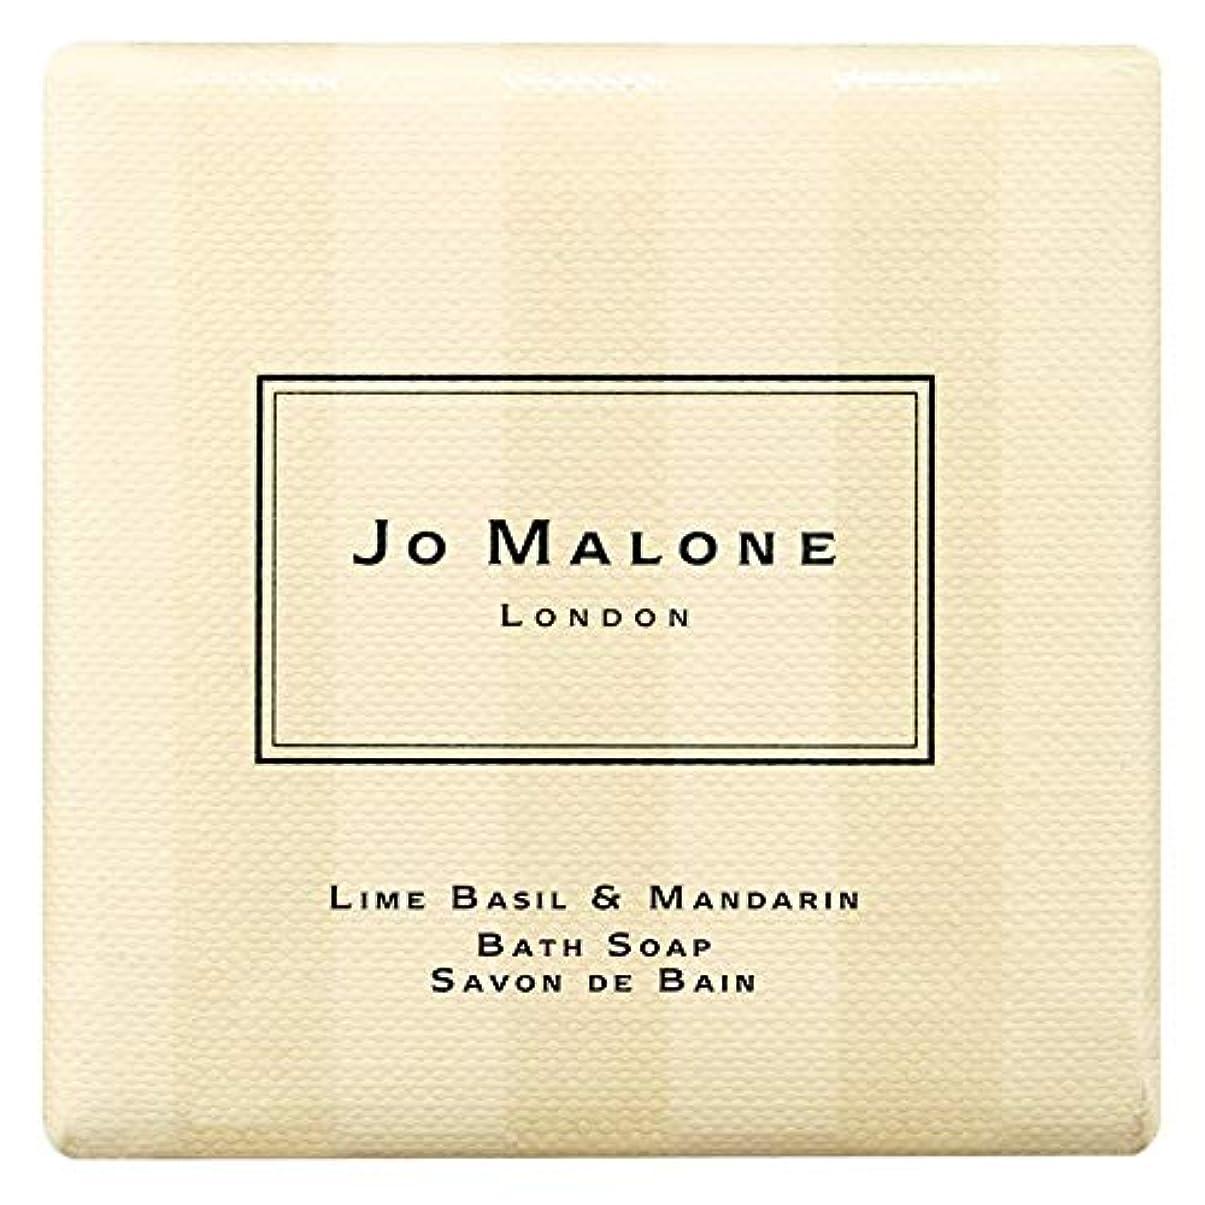 サラダ愛ピュー[Jo Malone] ジョーマローンロンドンライムバジル&マンダリンお風呂の石鹸100グラム - Jo Malone London Lime Basil & Mandarin Bath Soap 100g [並行輸入品]